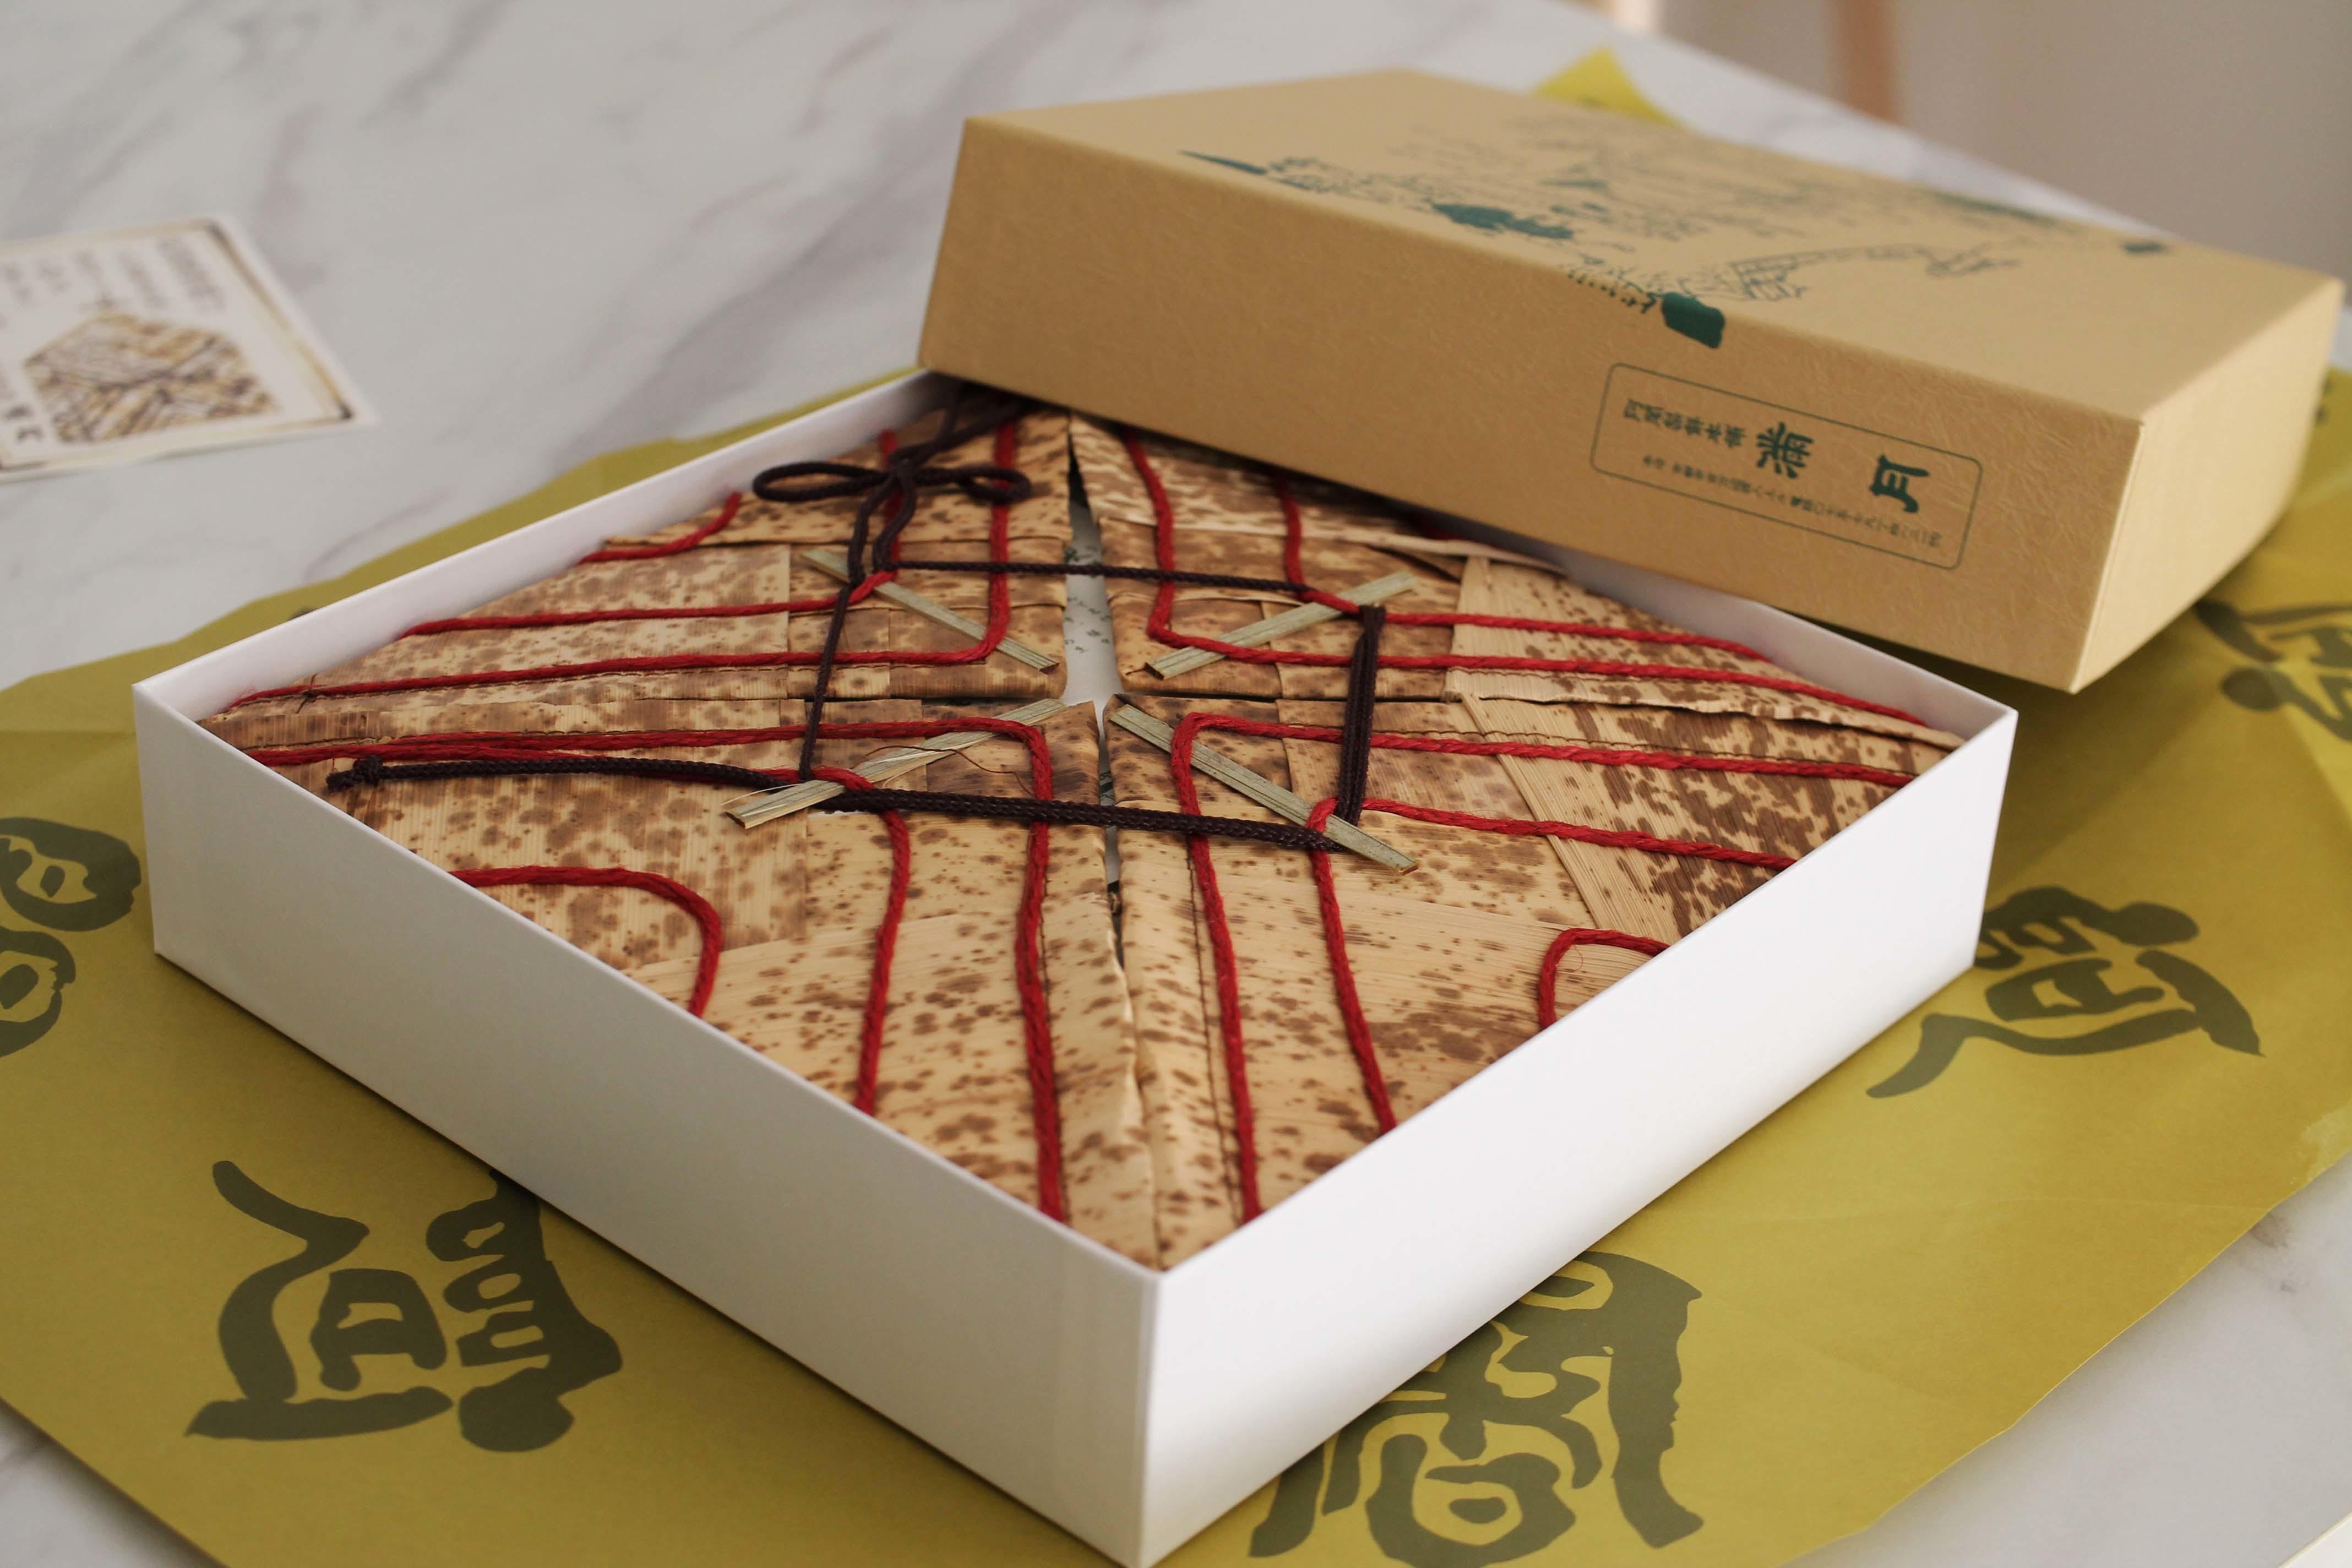 さくさくチョコチップクッキーとおみやげいろいろ_d0377645_22534439.jpg